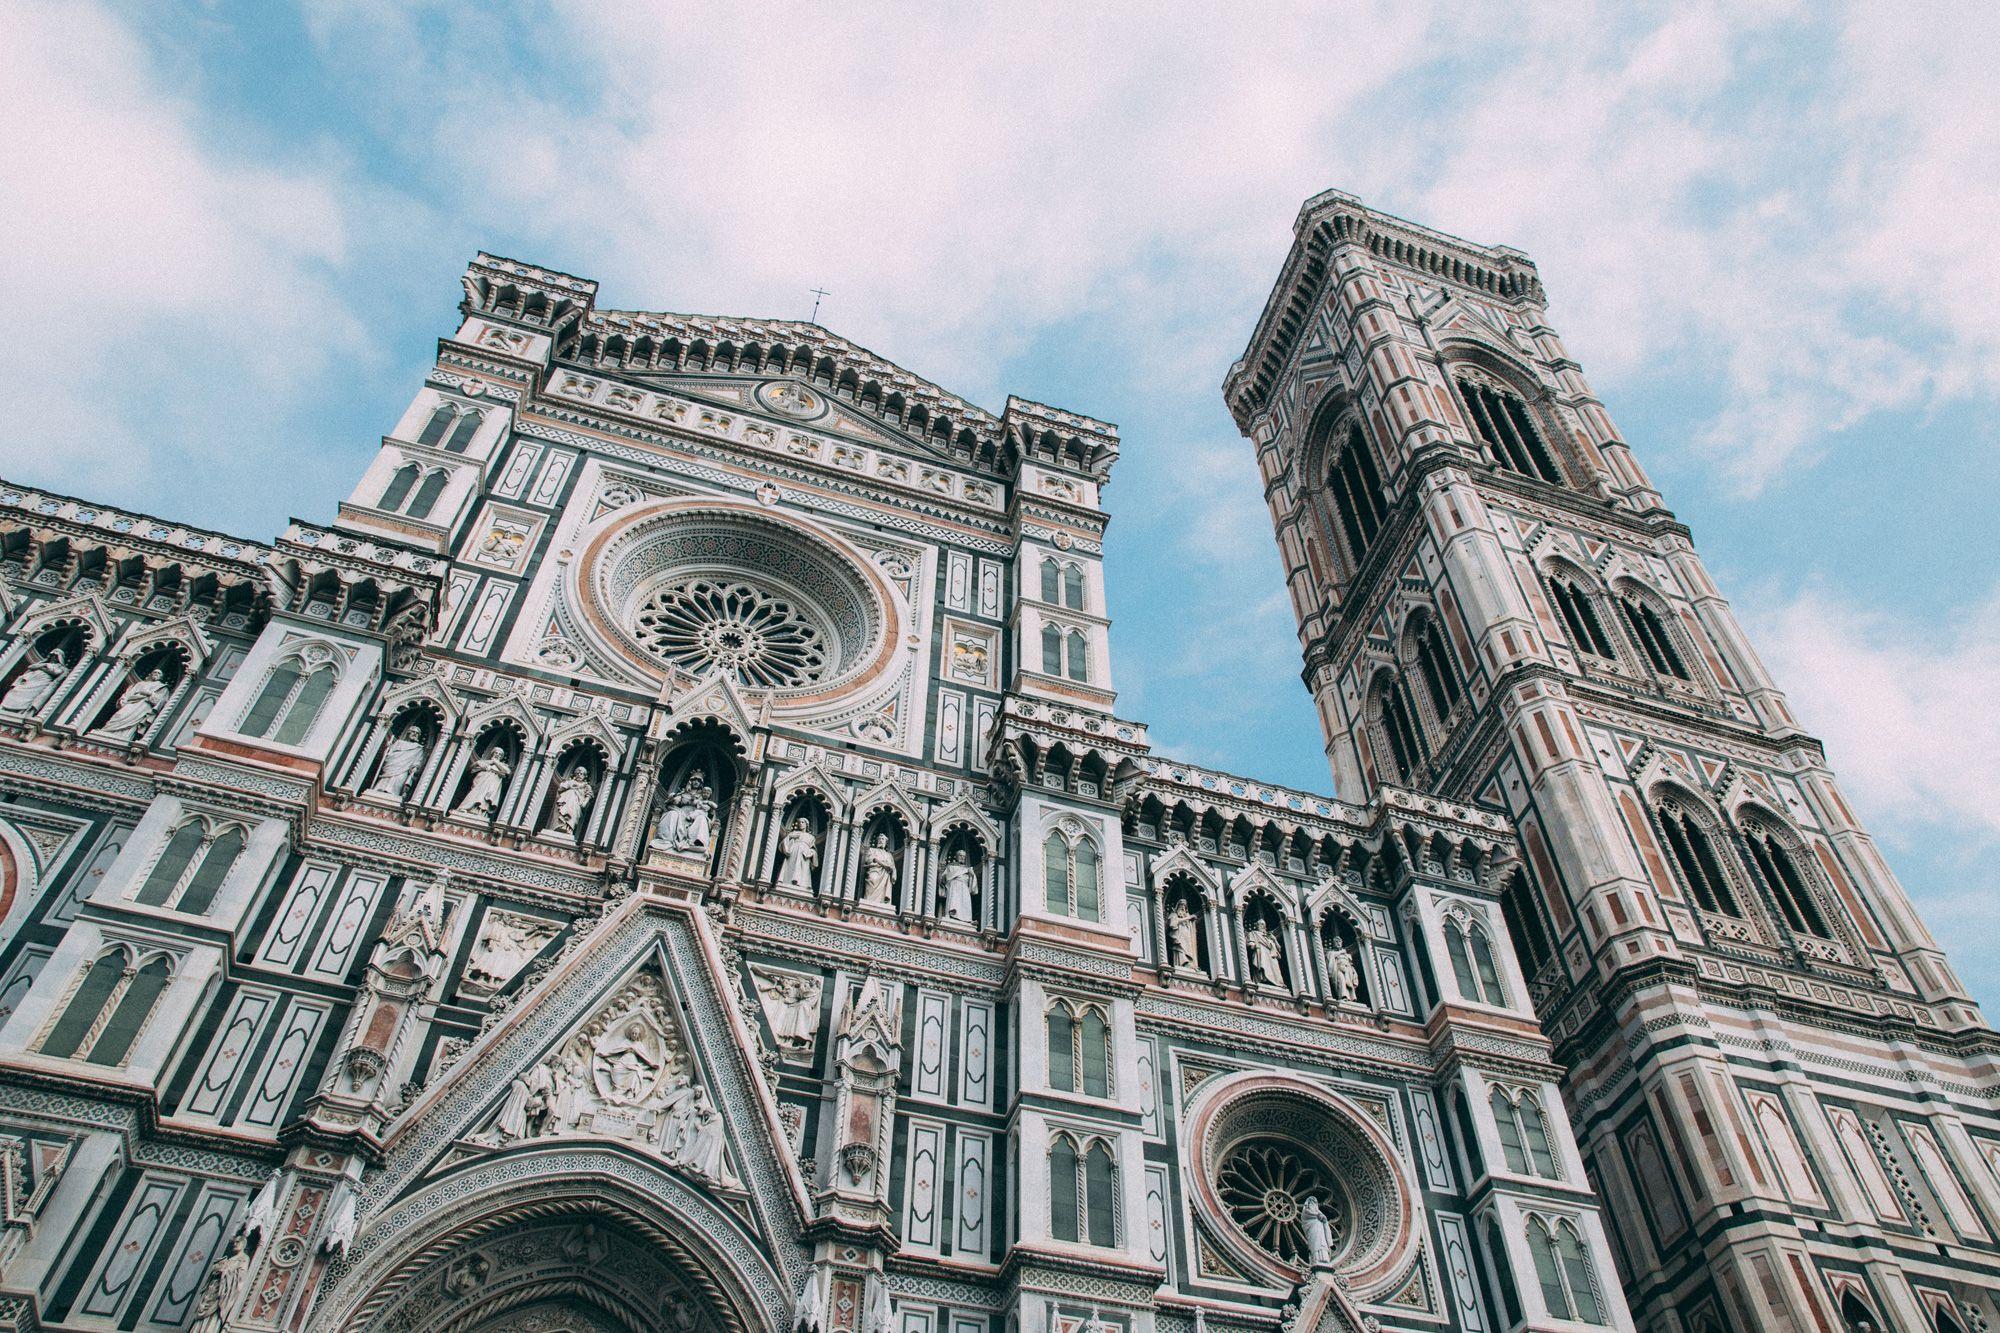 La cattedrale di santa maria del fiore Guida turistica Firenze